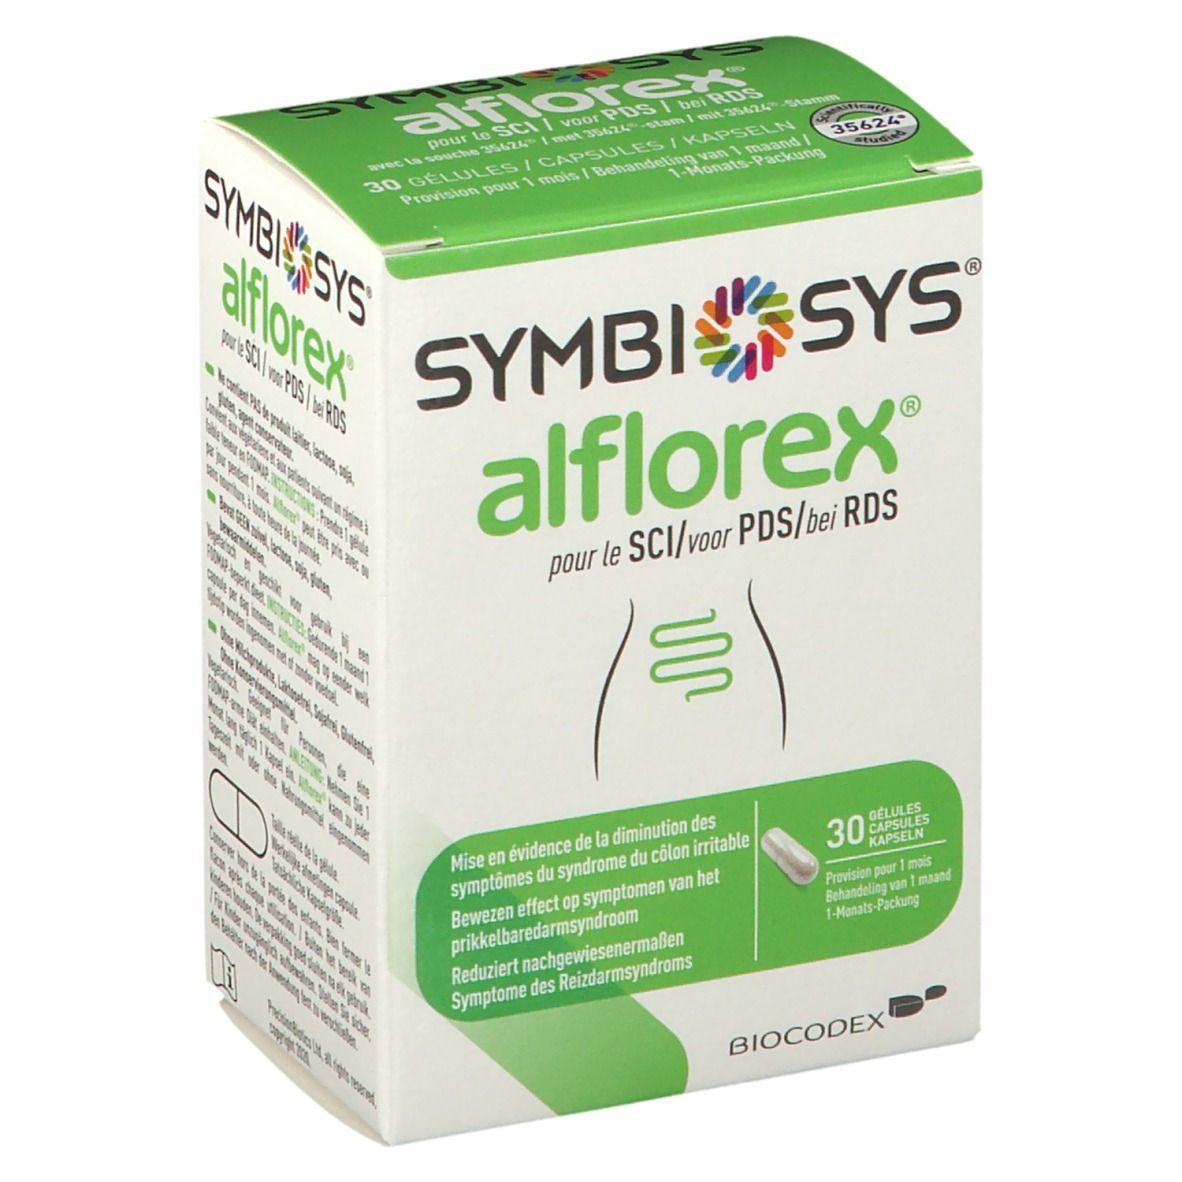 SYMBIOSYS® alflorex® pour le SCI pc(s) capsule(s)